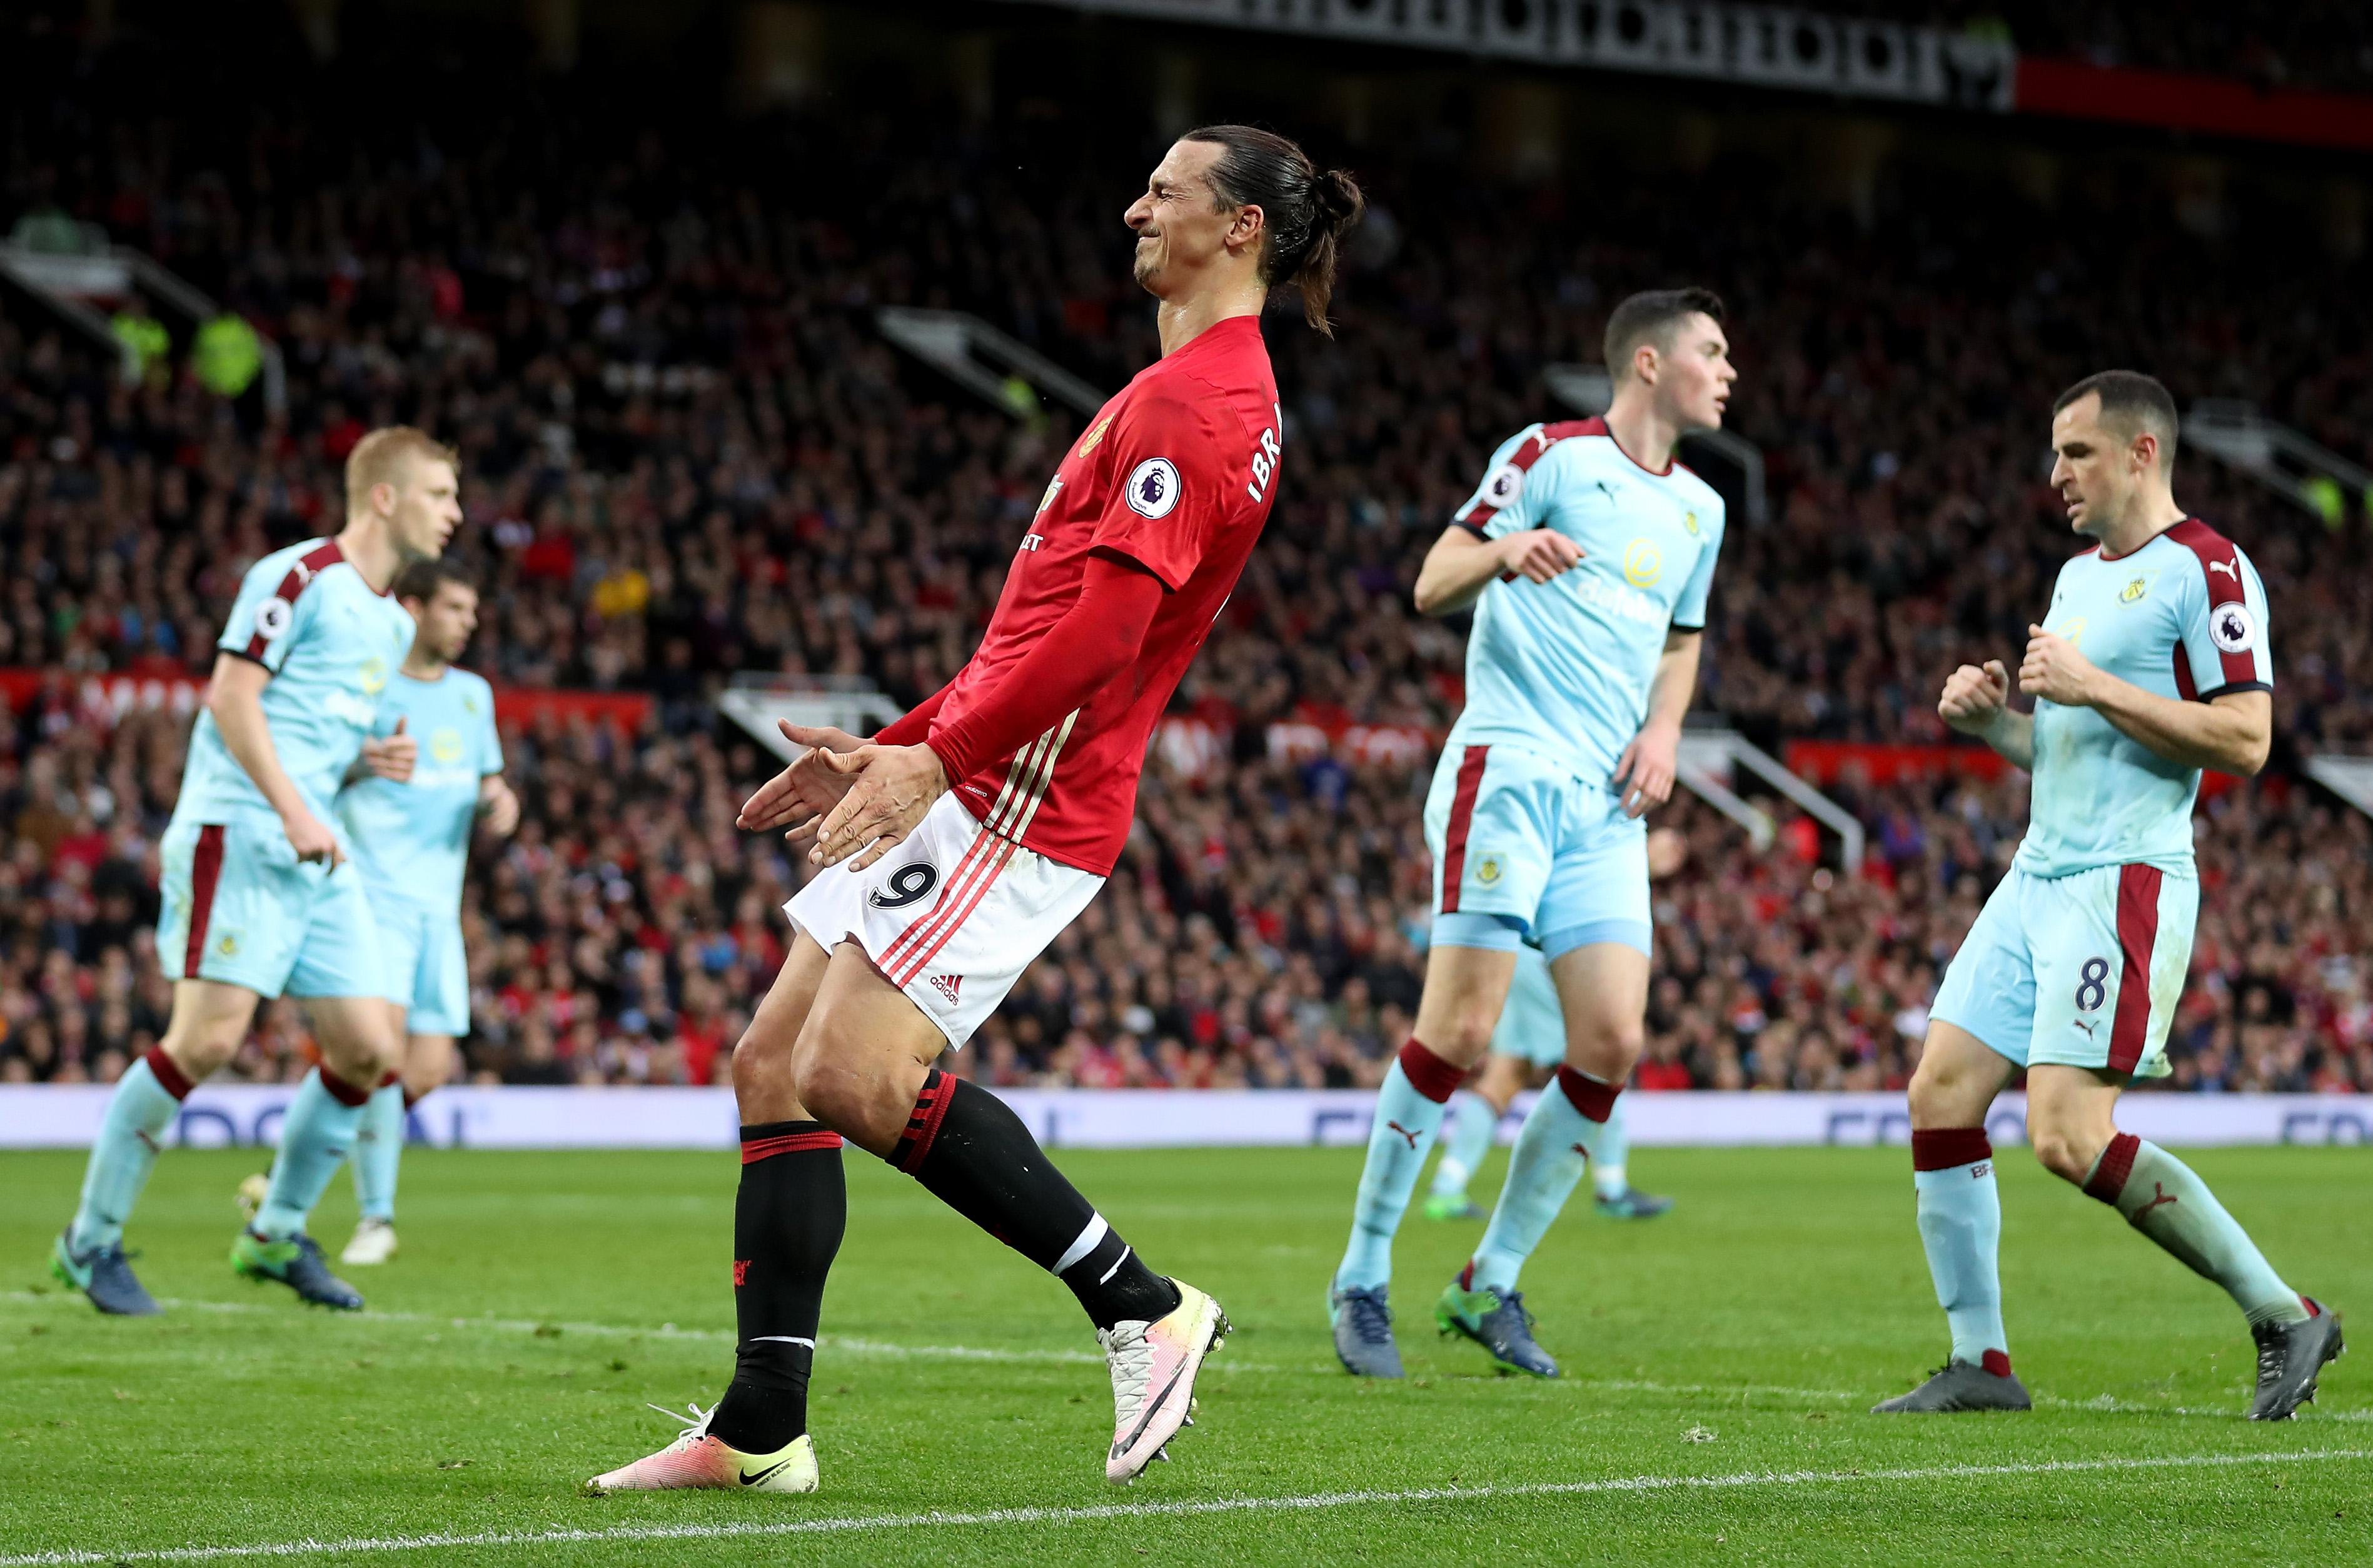 «Манчестер Юнайтед» продлил беспроигрышную серию вАПЛ